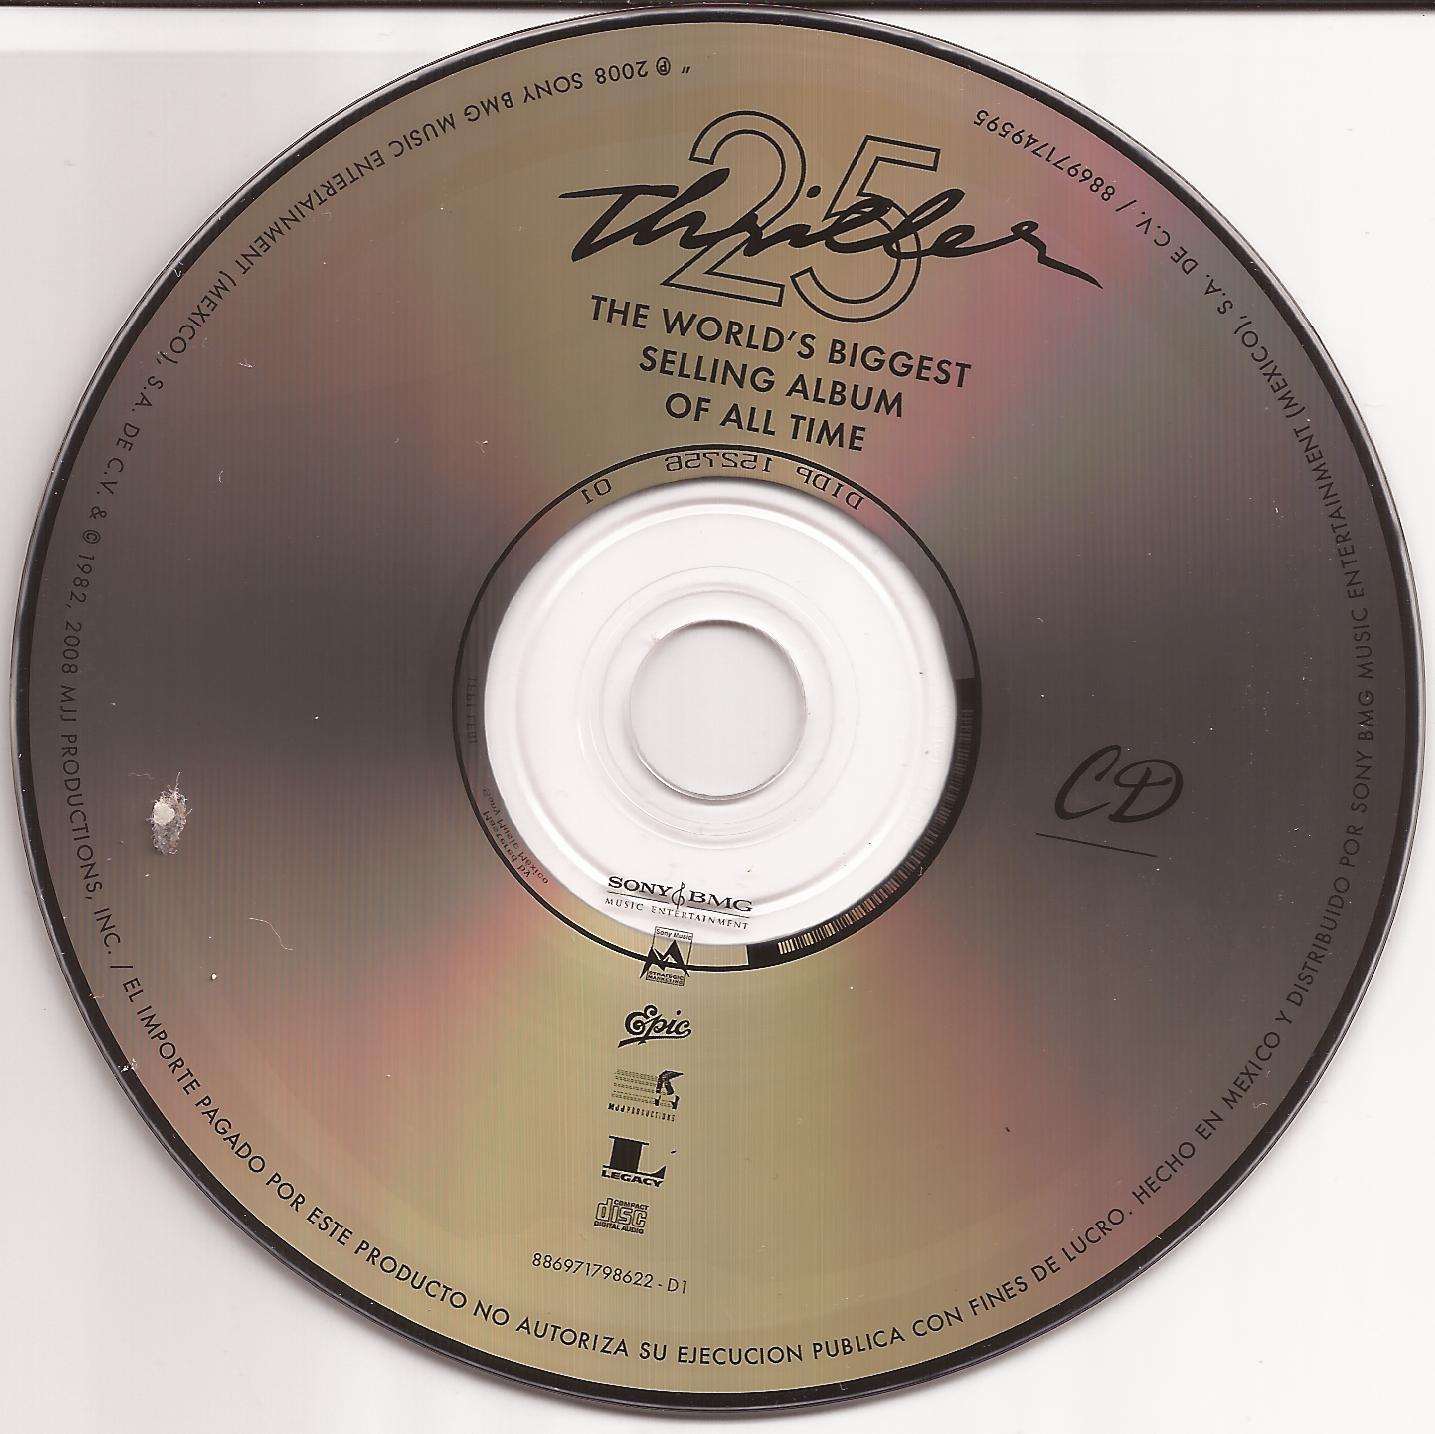 http://2.bp.blogspot.com/-GjfOb3VhrNs/TqY594PL3wI/AAAAAAAAAnQ/uuonEJuM85s/s1600/Cd+Michael+Jackson+Thriller+25.jpg